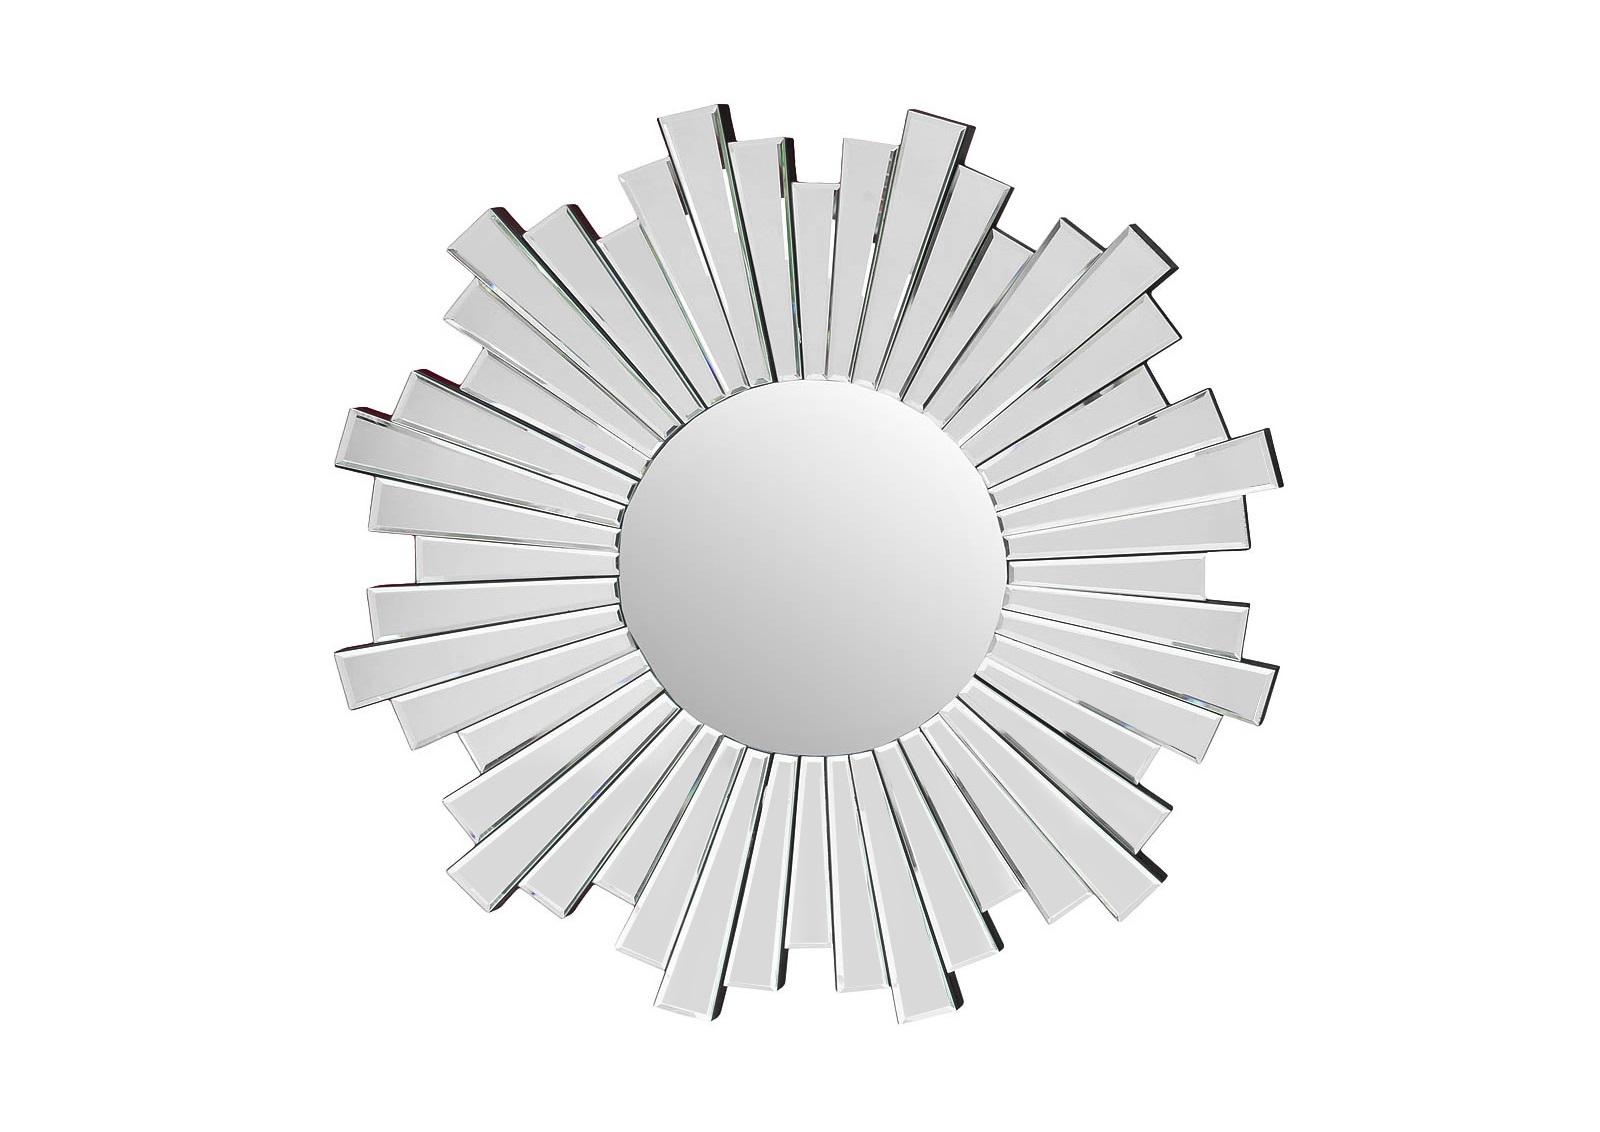 ЗеркалоНастенные зеркала<br>Любители абстракции и сложной геометрии не останутся равнодушными к силуэту этого зеркала. Круг, дополненный множеством прямоугольных лучей, покорит их контрастом противоположных форм. Конструкция, которая выглядит мягко и резко одновременно, заворожит гармоничным объединением плавных линий и острых углов. Особенно хорошо она впишется в интерьер в стиле ар деко или америанском стиле, где приветствуются такие сочетания.<br><br>Material: Стекло<br>Ширина см: 85<br>Высота см: 85